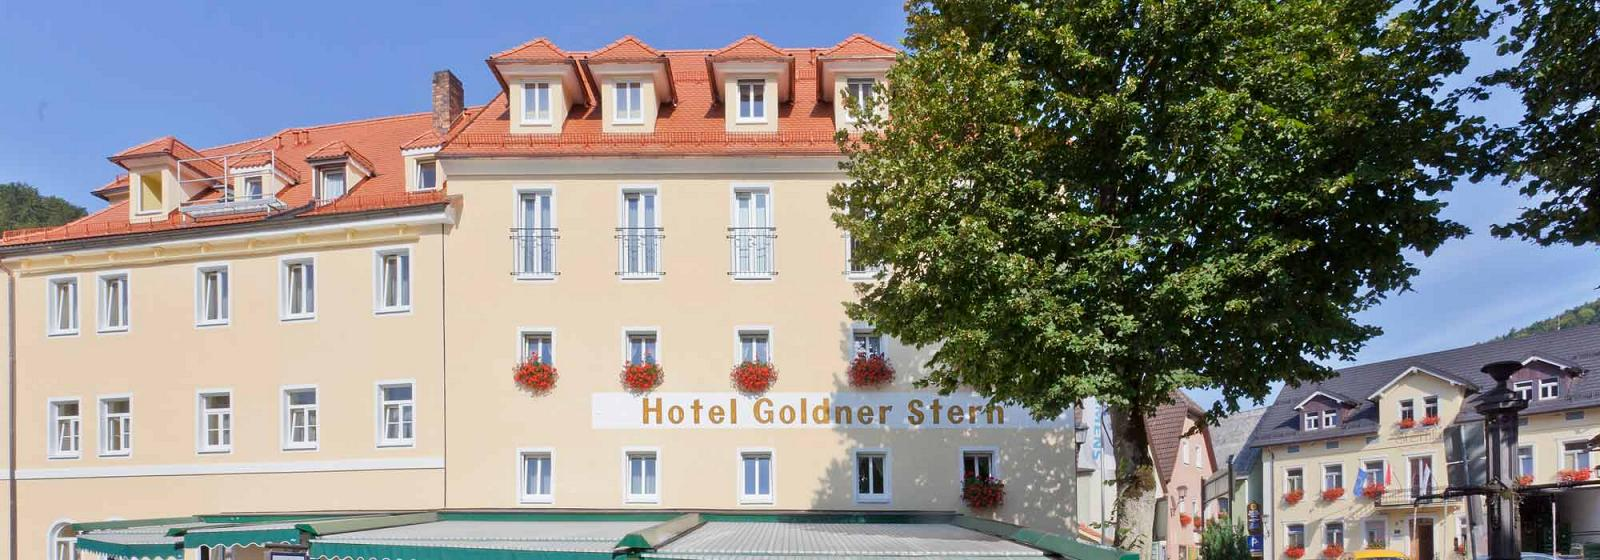 hotel goldner stern fr nkische schweiz. Black Bedroom Furniture Sets. Home Design Ideas